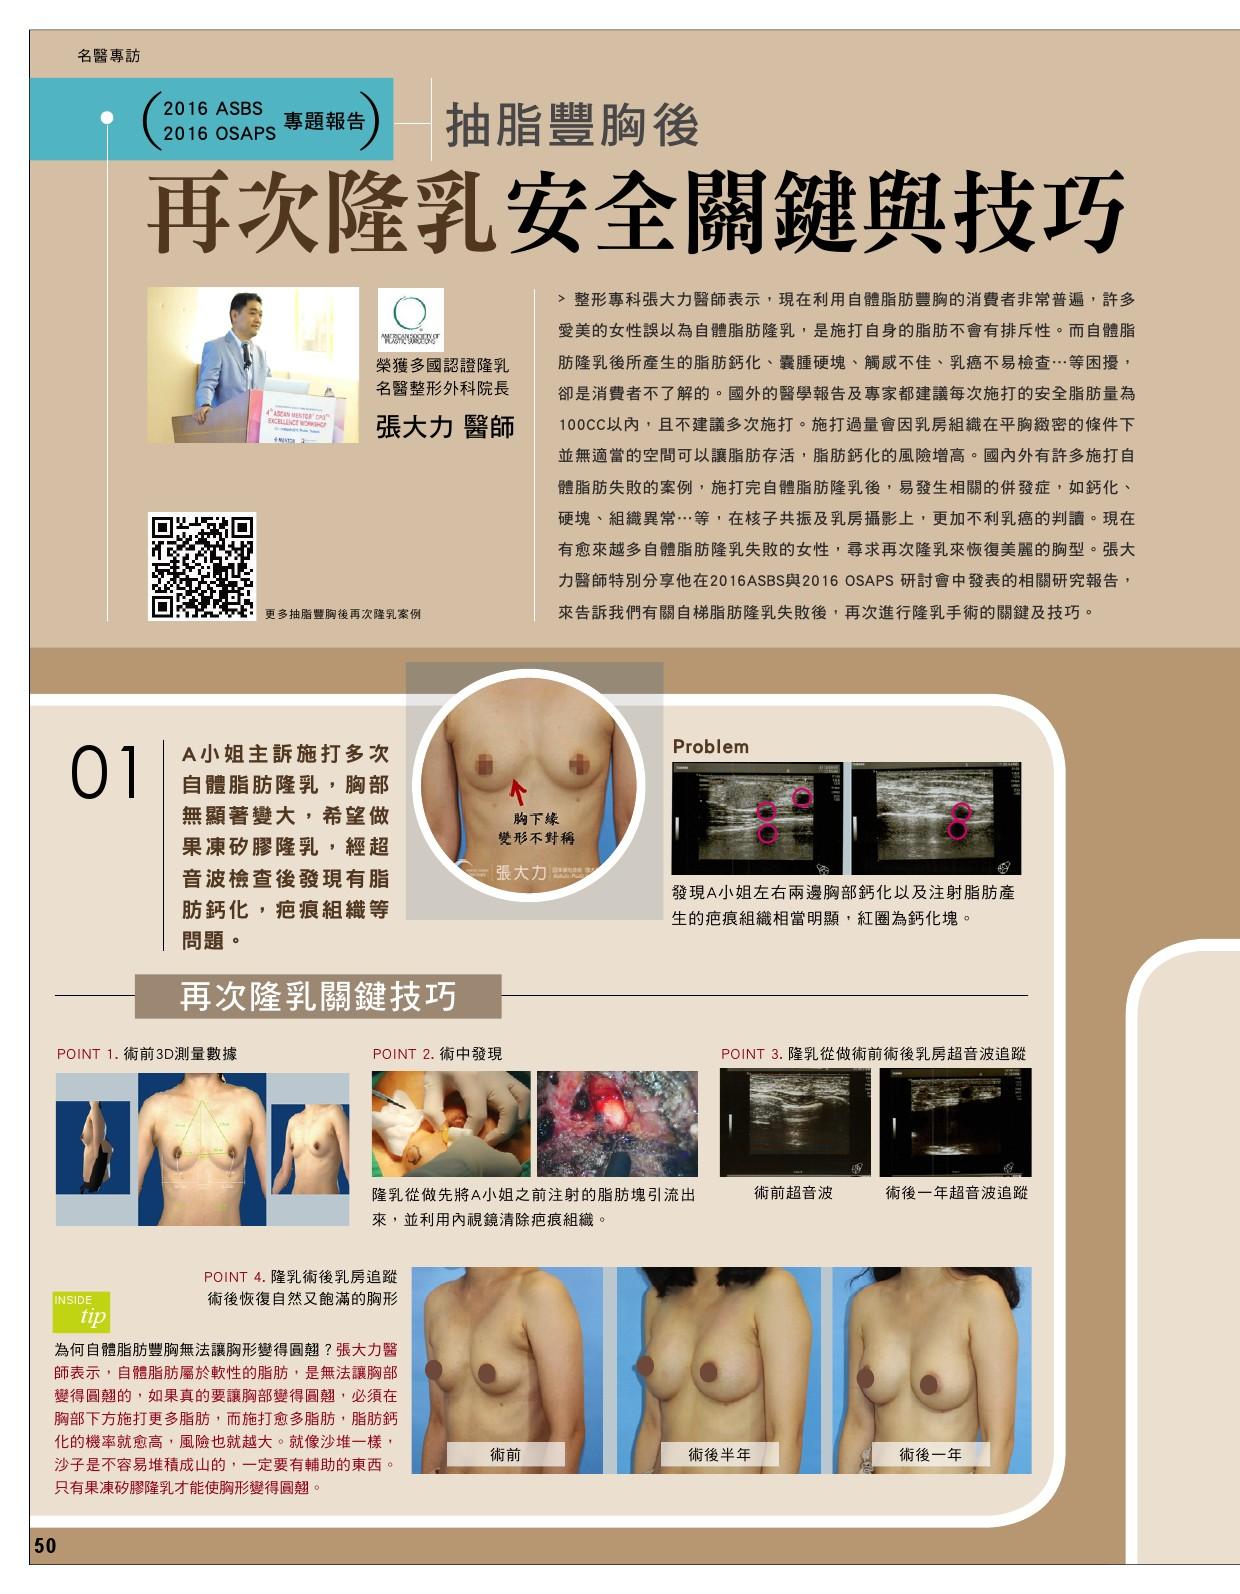 抽脂豐胸後 再次隆乳安全關鍵與技巧-雜誌專訪-張大力-整形名醫-東京風采